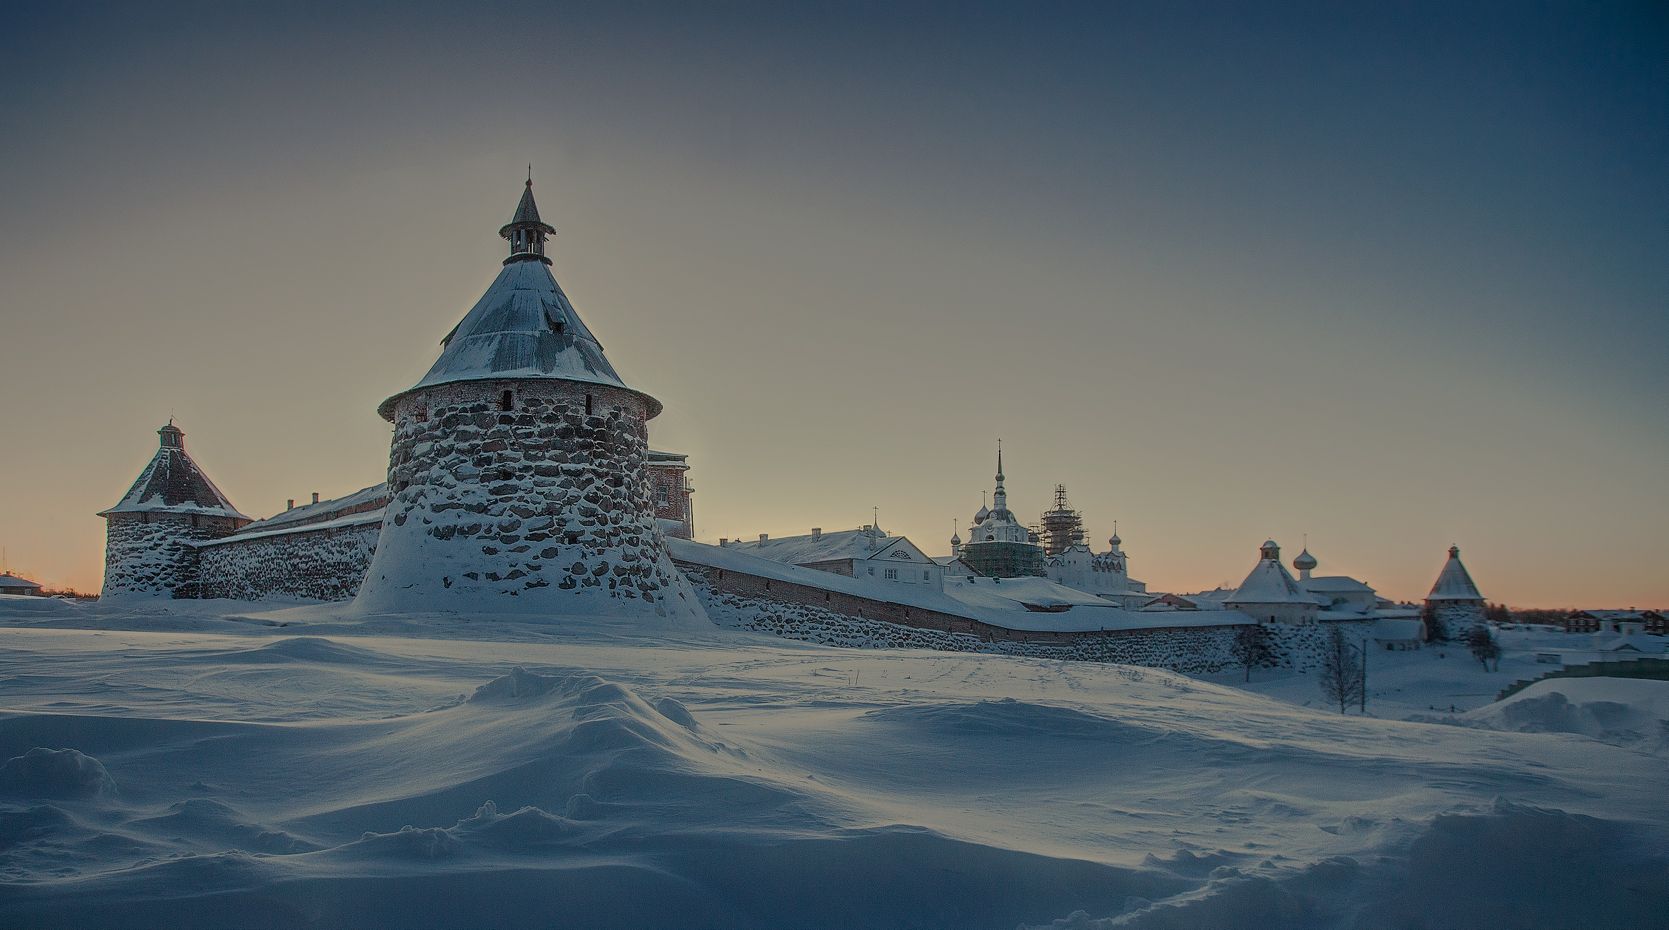 Соловецкий монастырь, начало февраля 2015г.